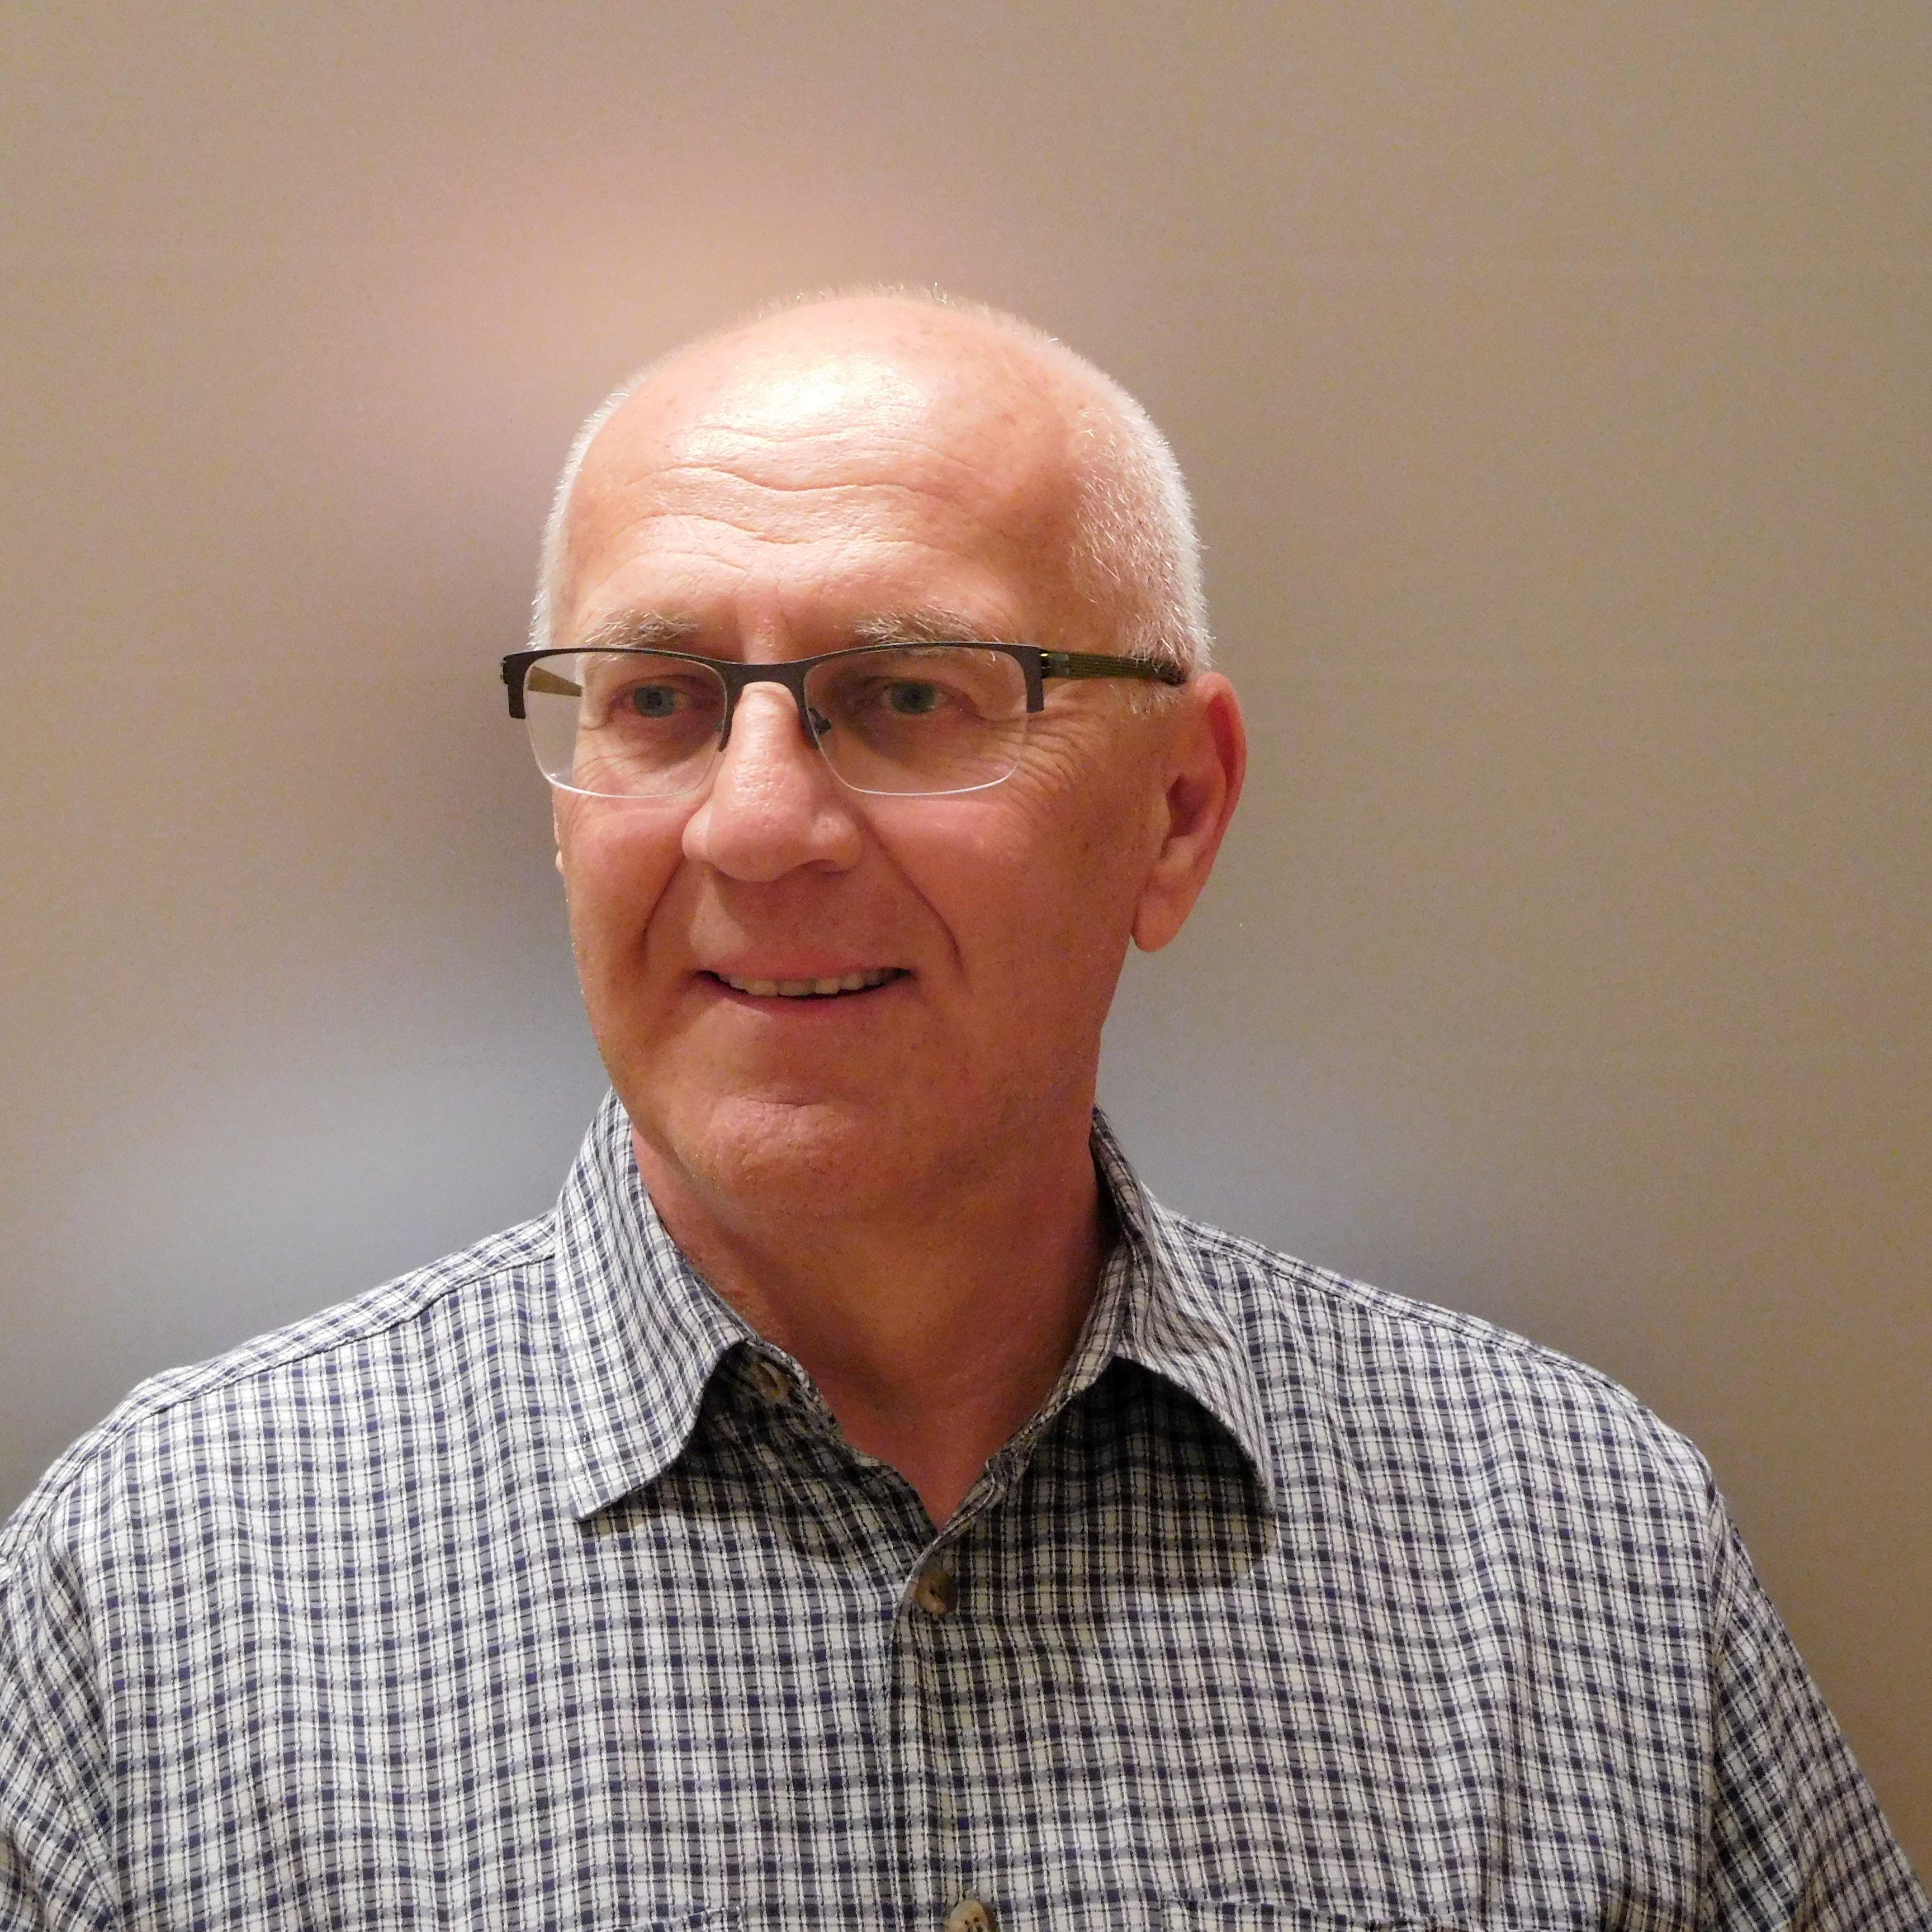 Michael Fejtl